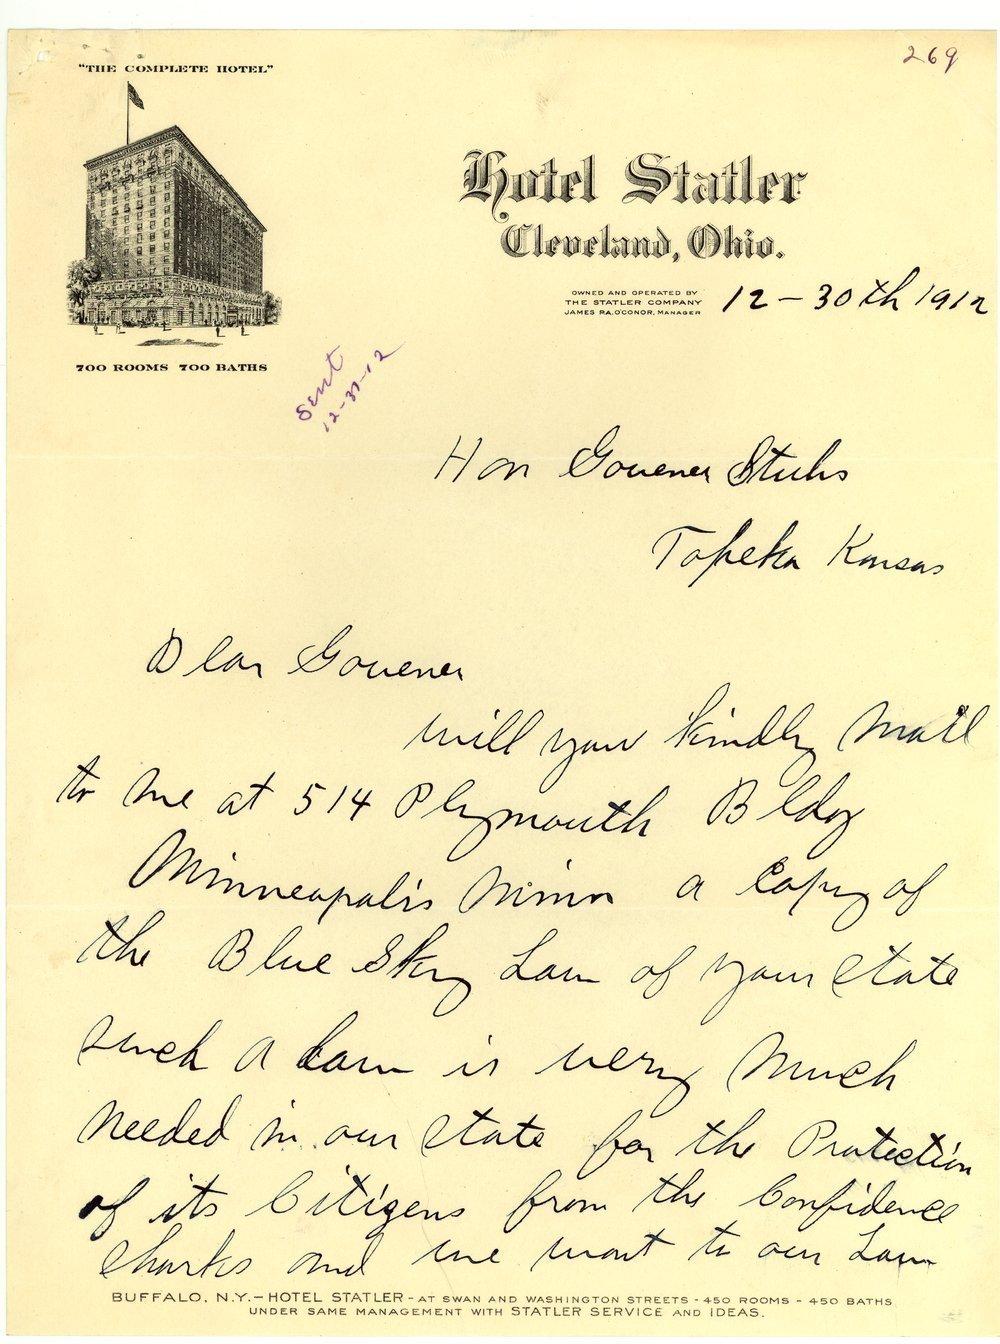 Letter from E. T. Merritt to Governor Walter Roscoe Stubbs - 1